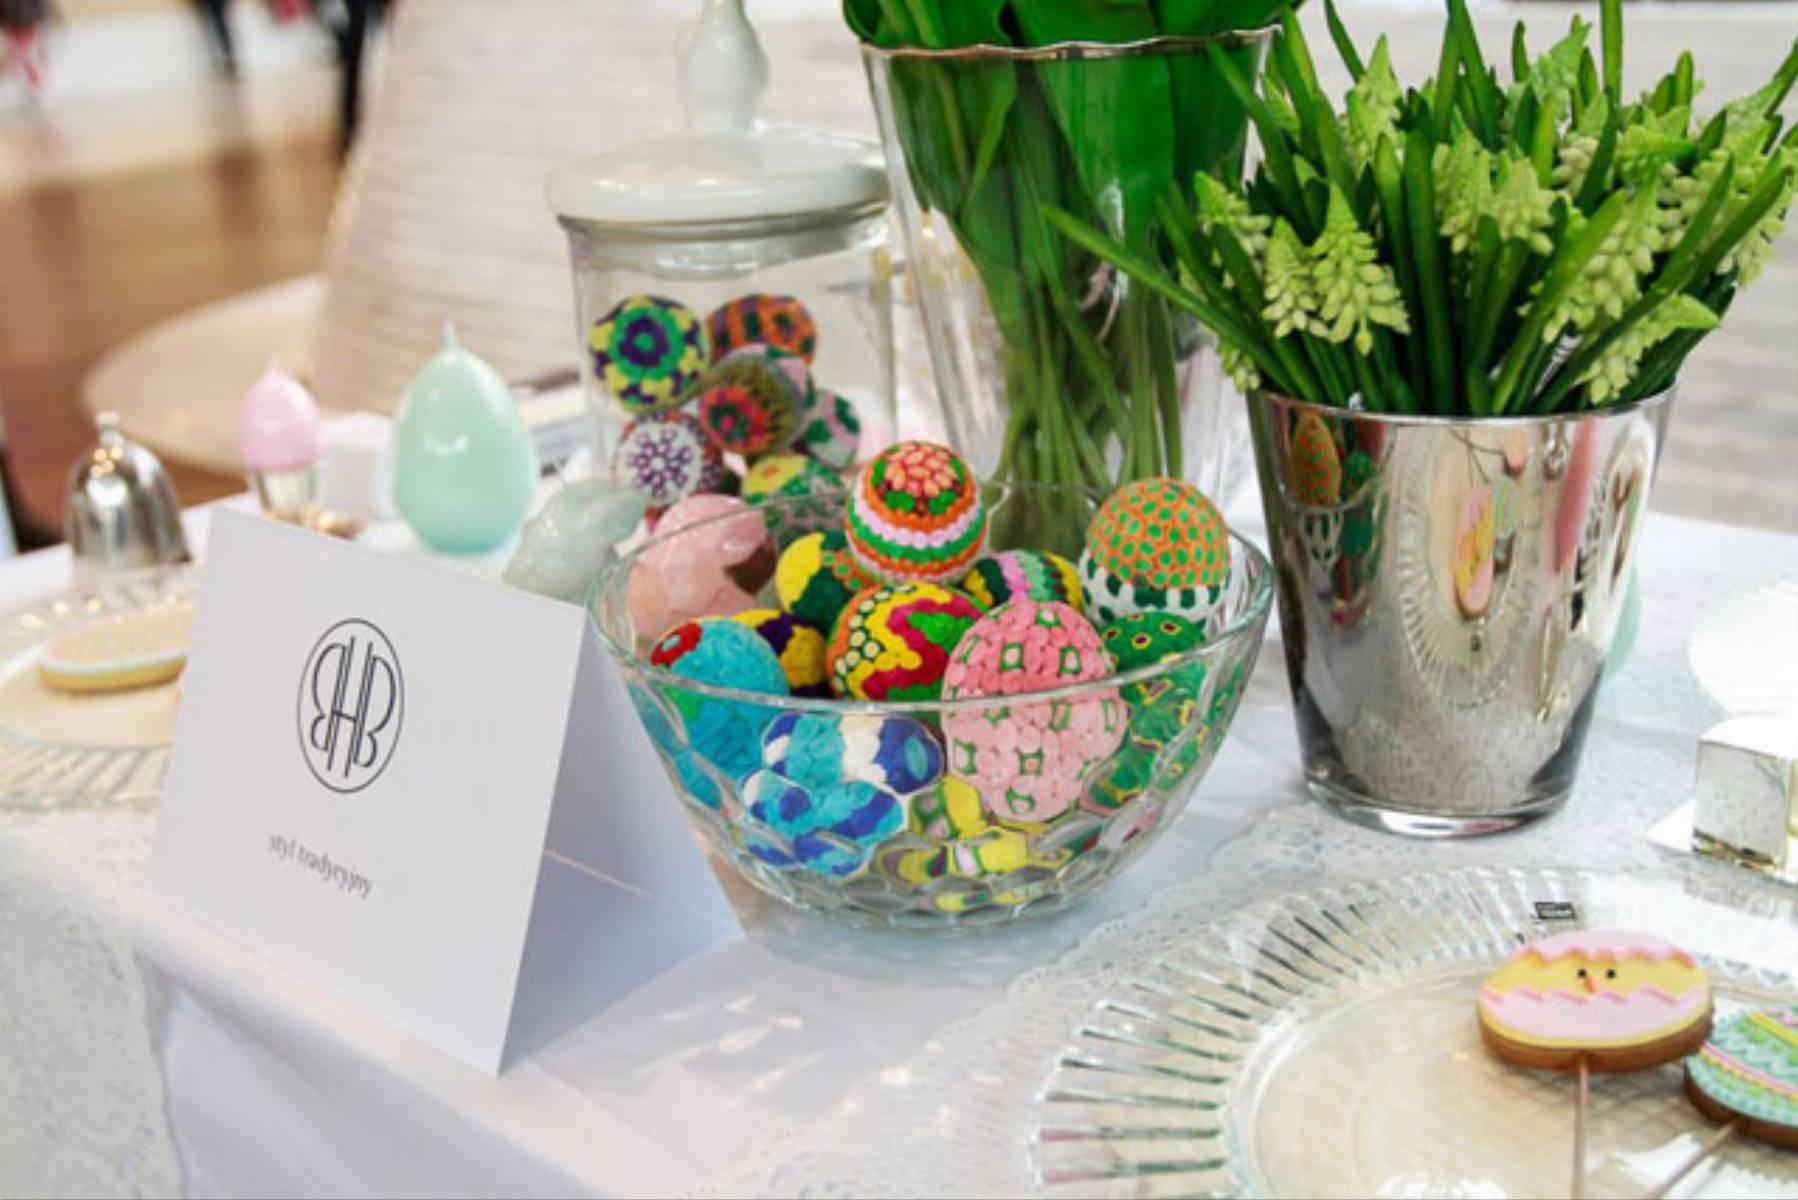 Wielkanoc - tradycyjny